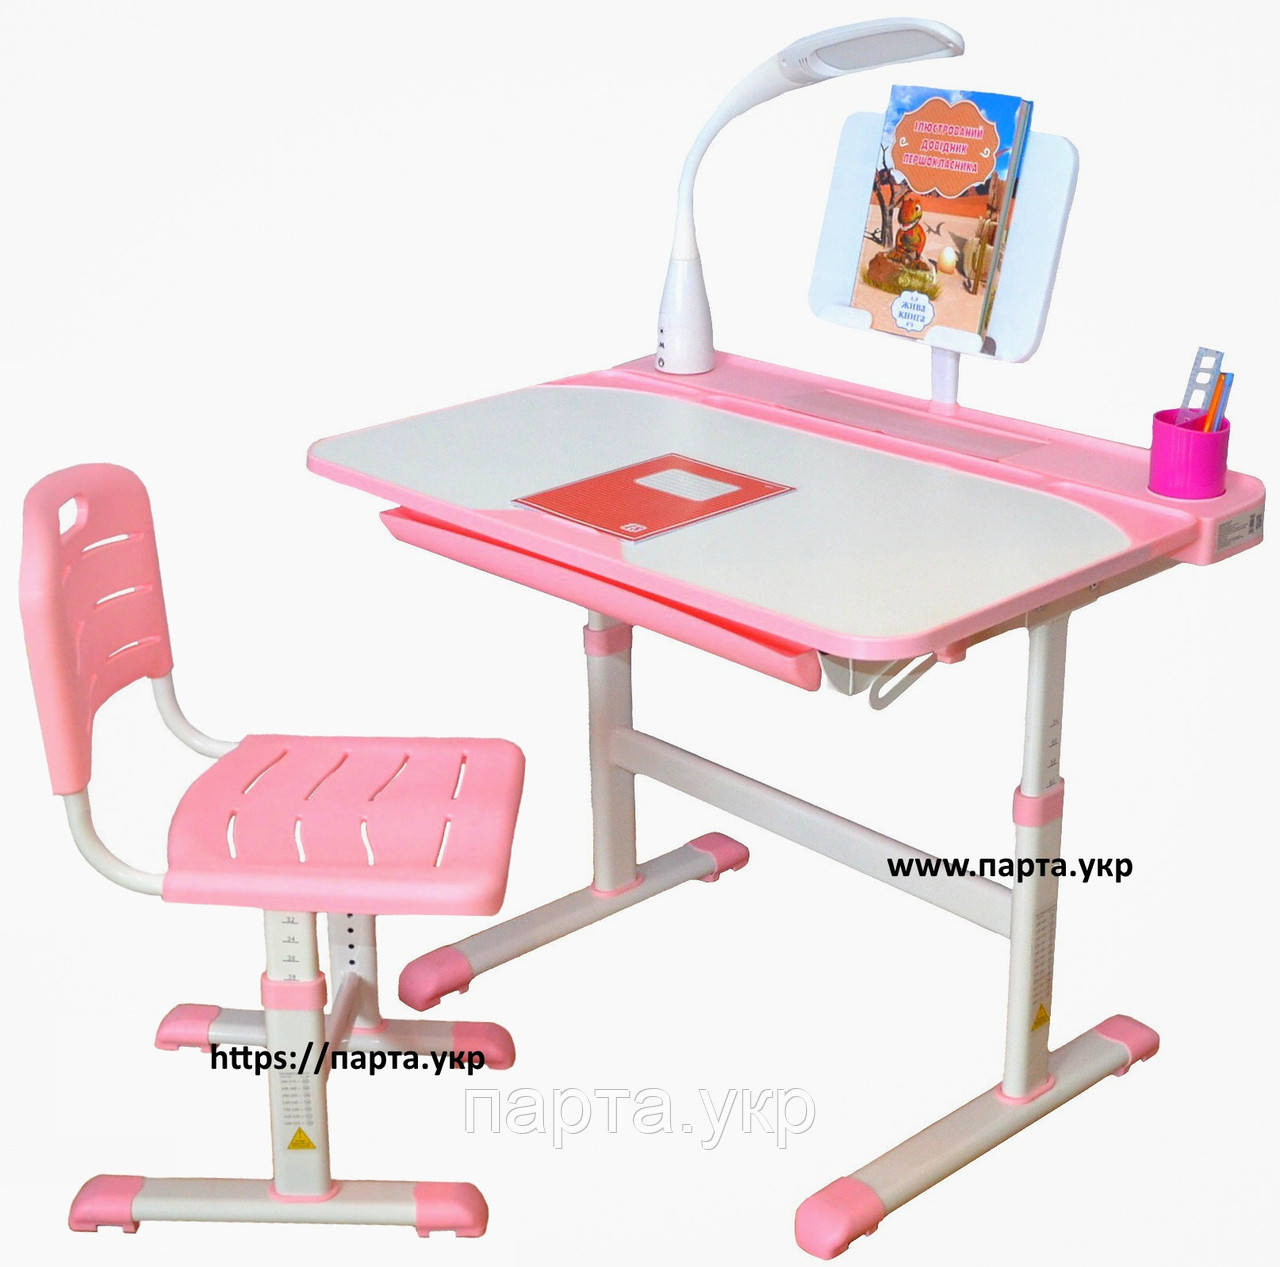 Парта трансформер и стул растущий (увеличенная, лампа и стул), 2 цвета